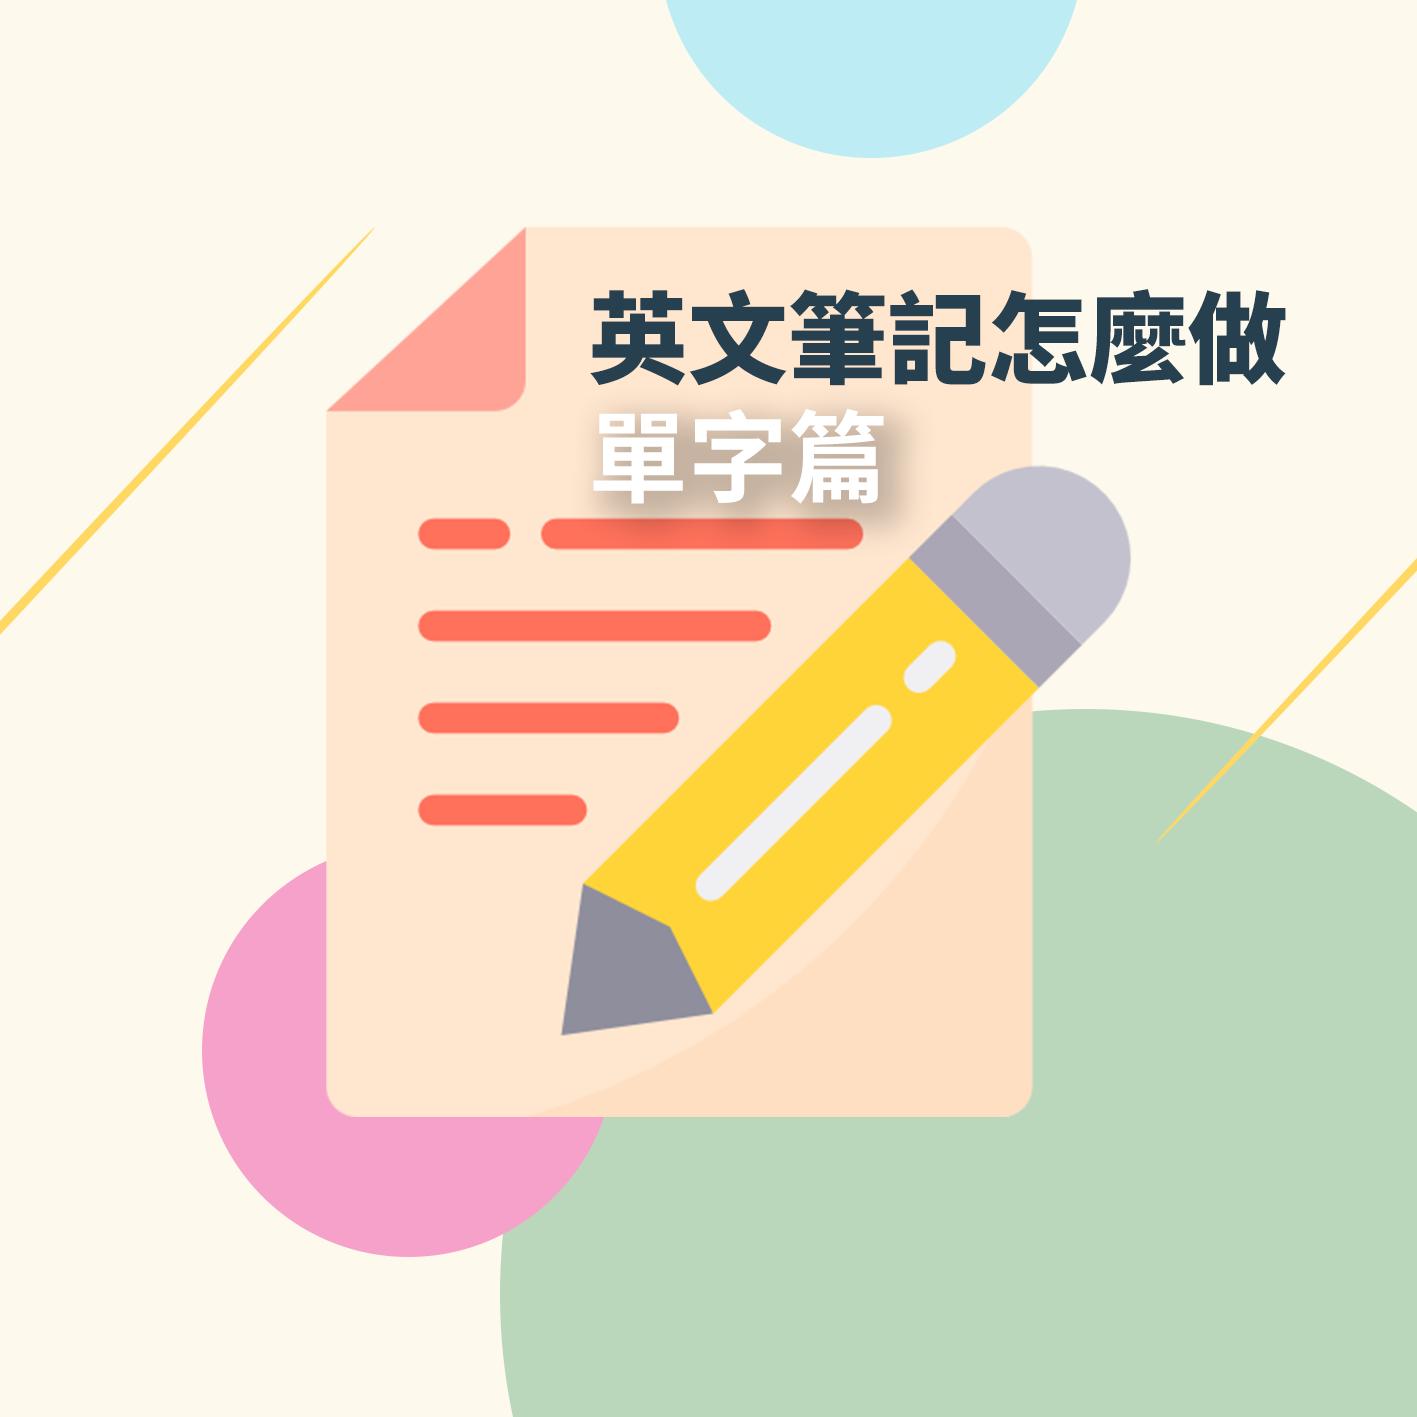 【筆記方法】英文單字筆記四大方法分享大公開